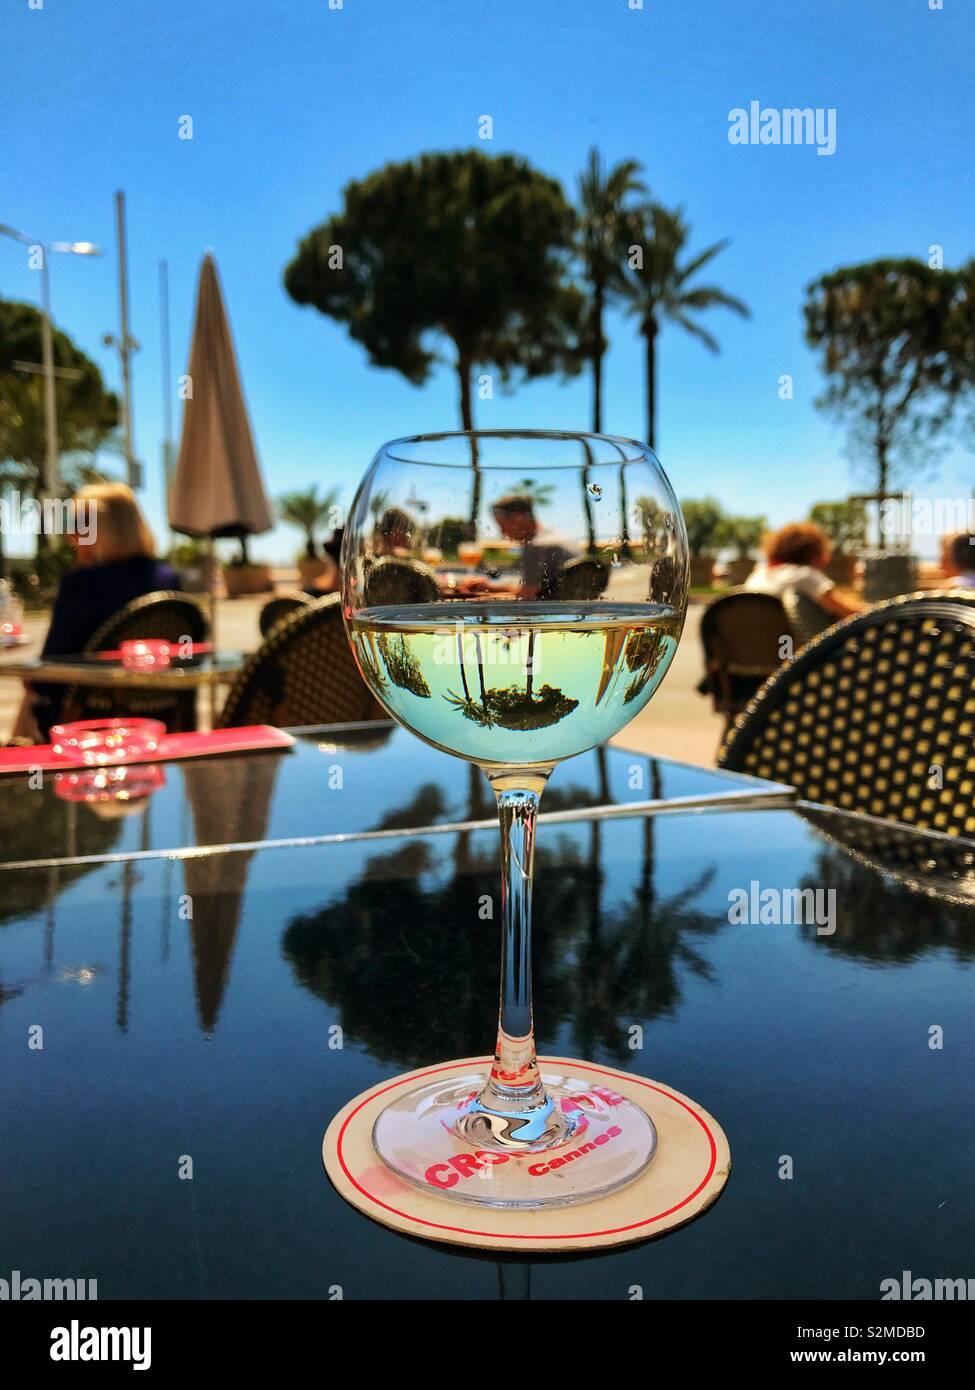 Bicchiere di vino bianco su un tavolo in un ristorante sul mare a Cannes, Francia Immagini Stock